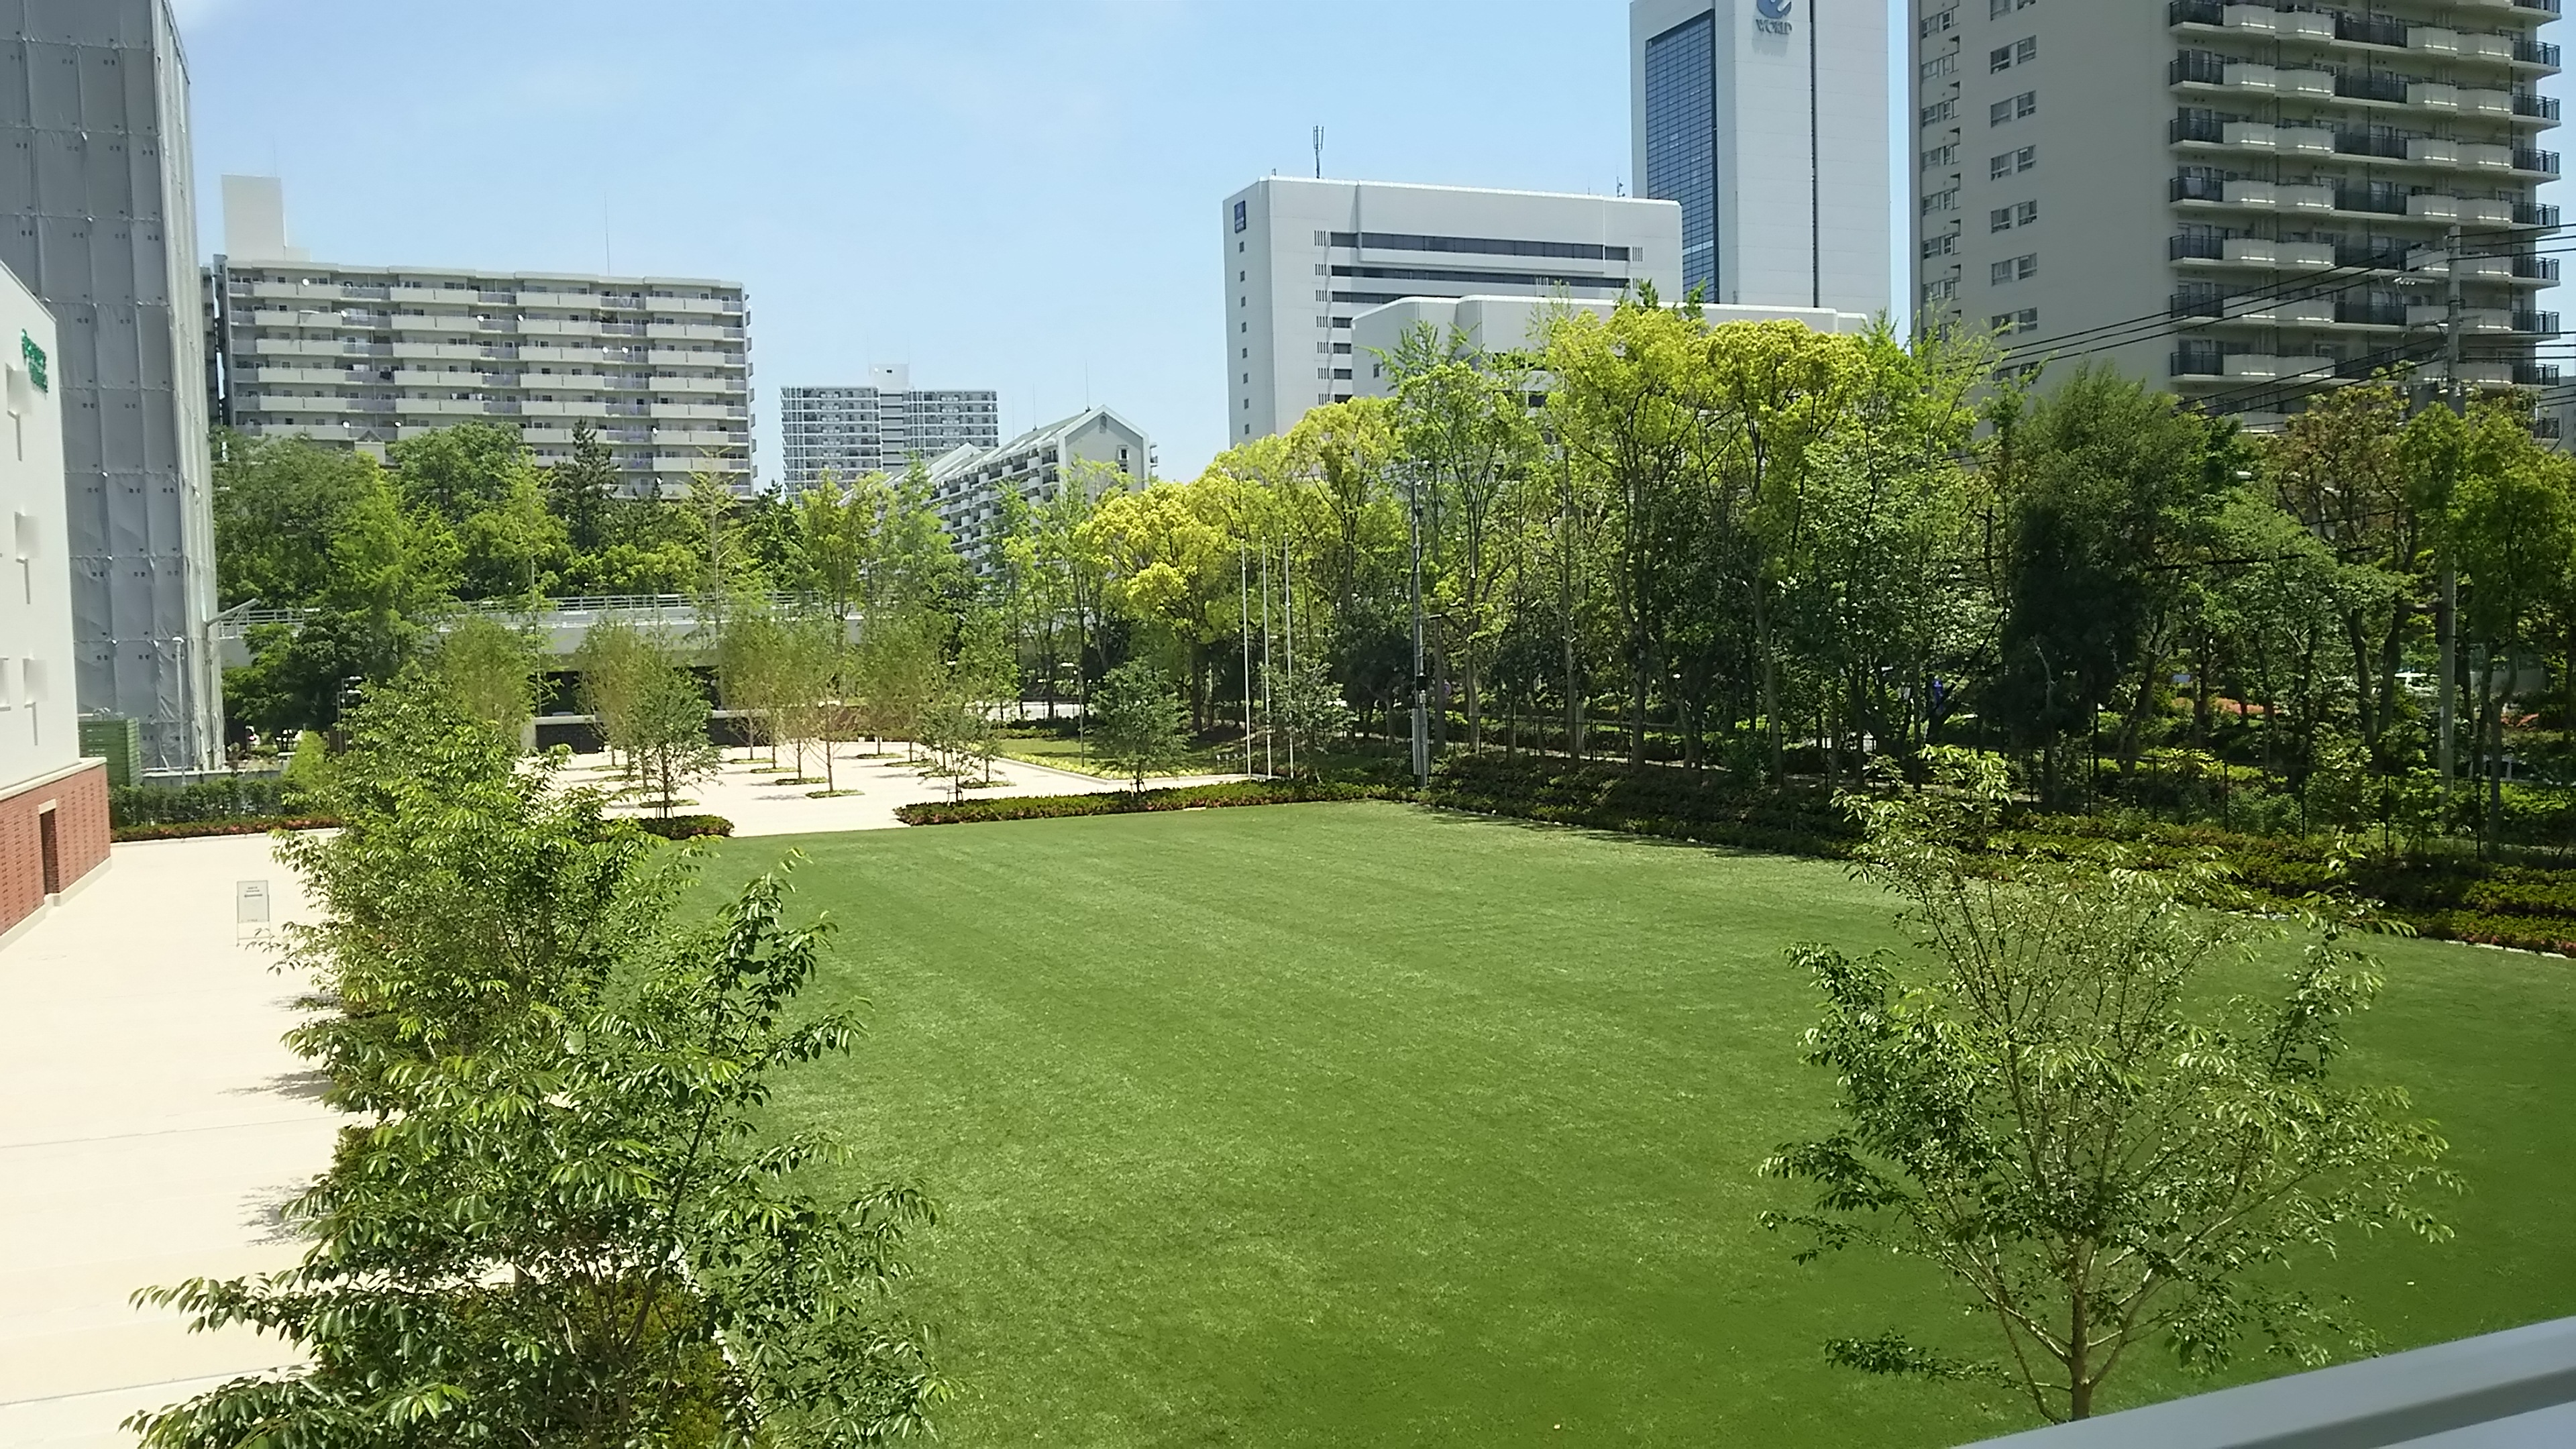 入試 神戸 学院 大学